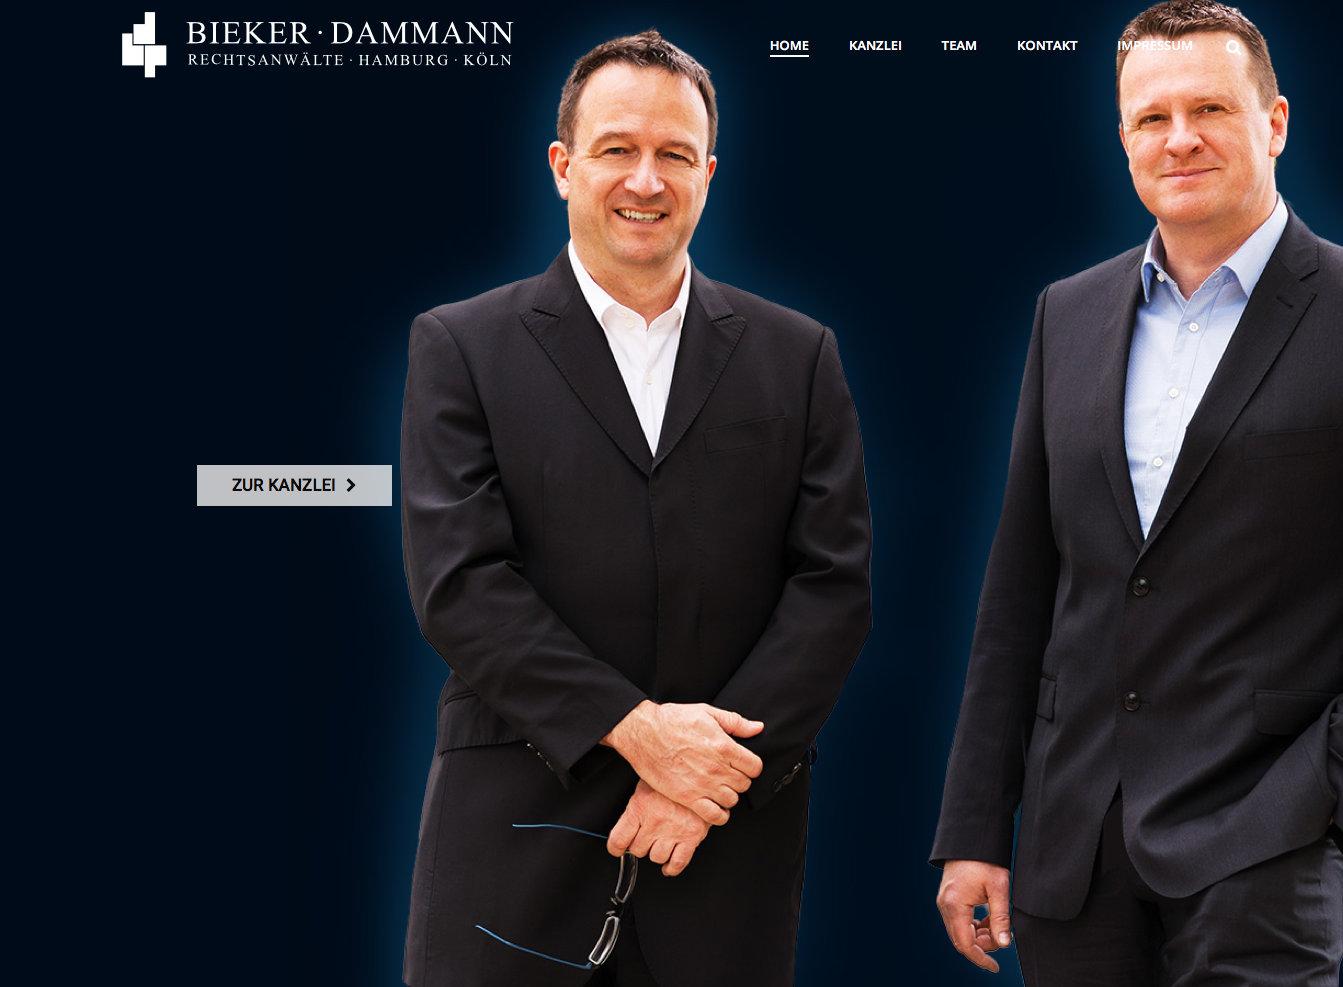 Rechtsanwälte Bieker und Dammann